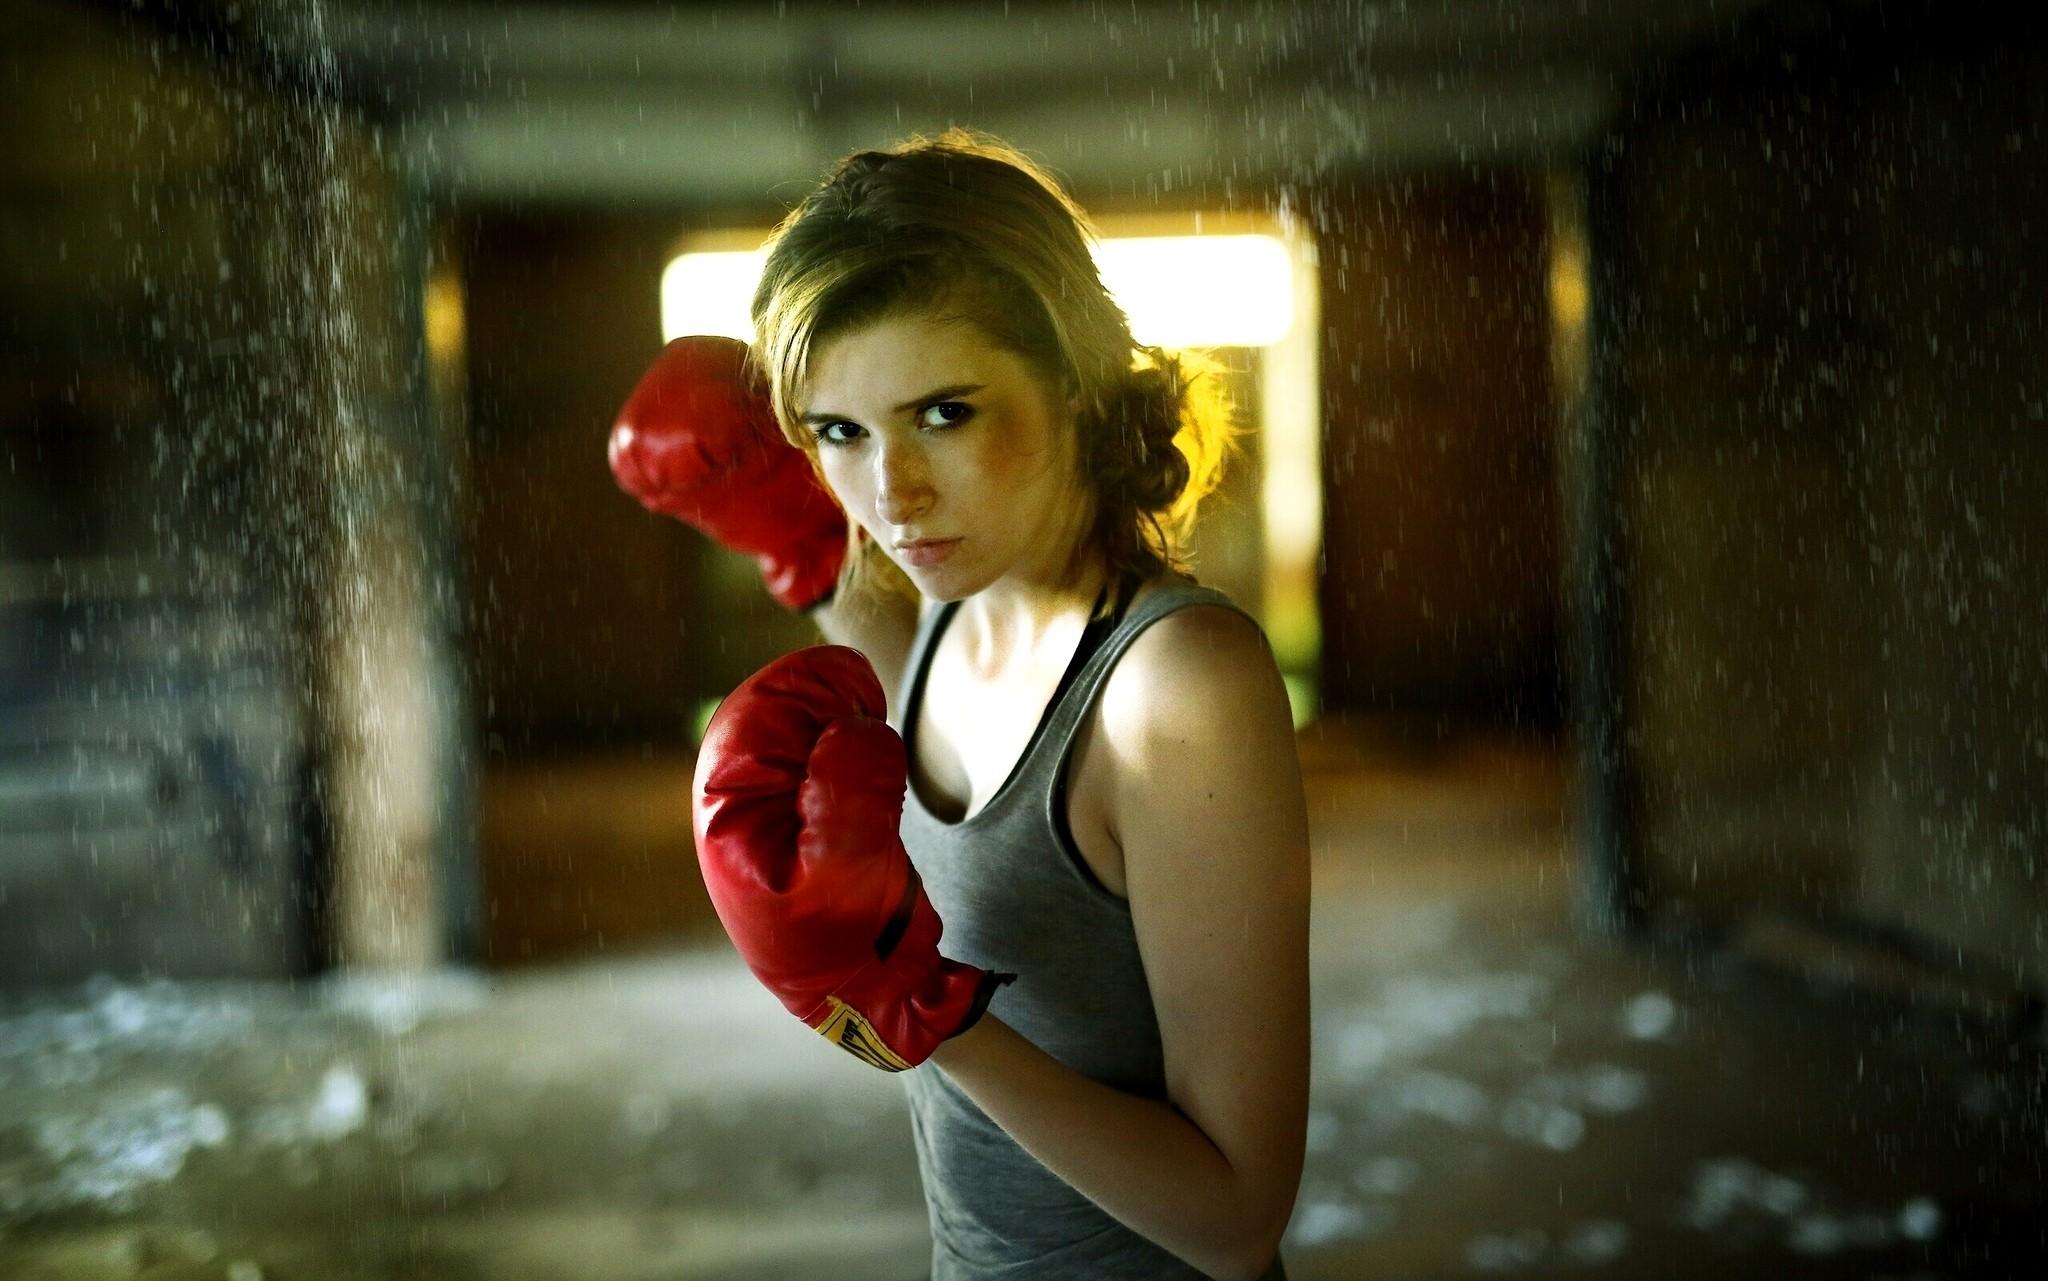 Идеи фотосессии для боксерки